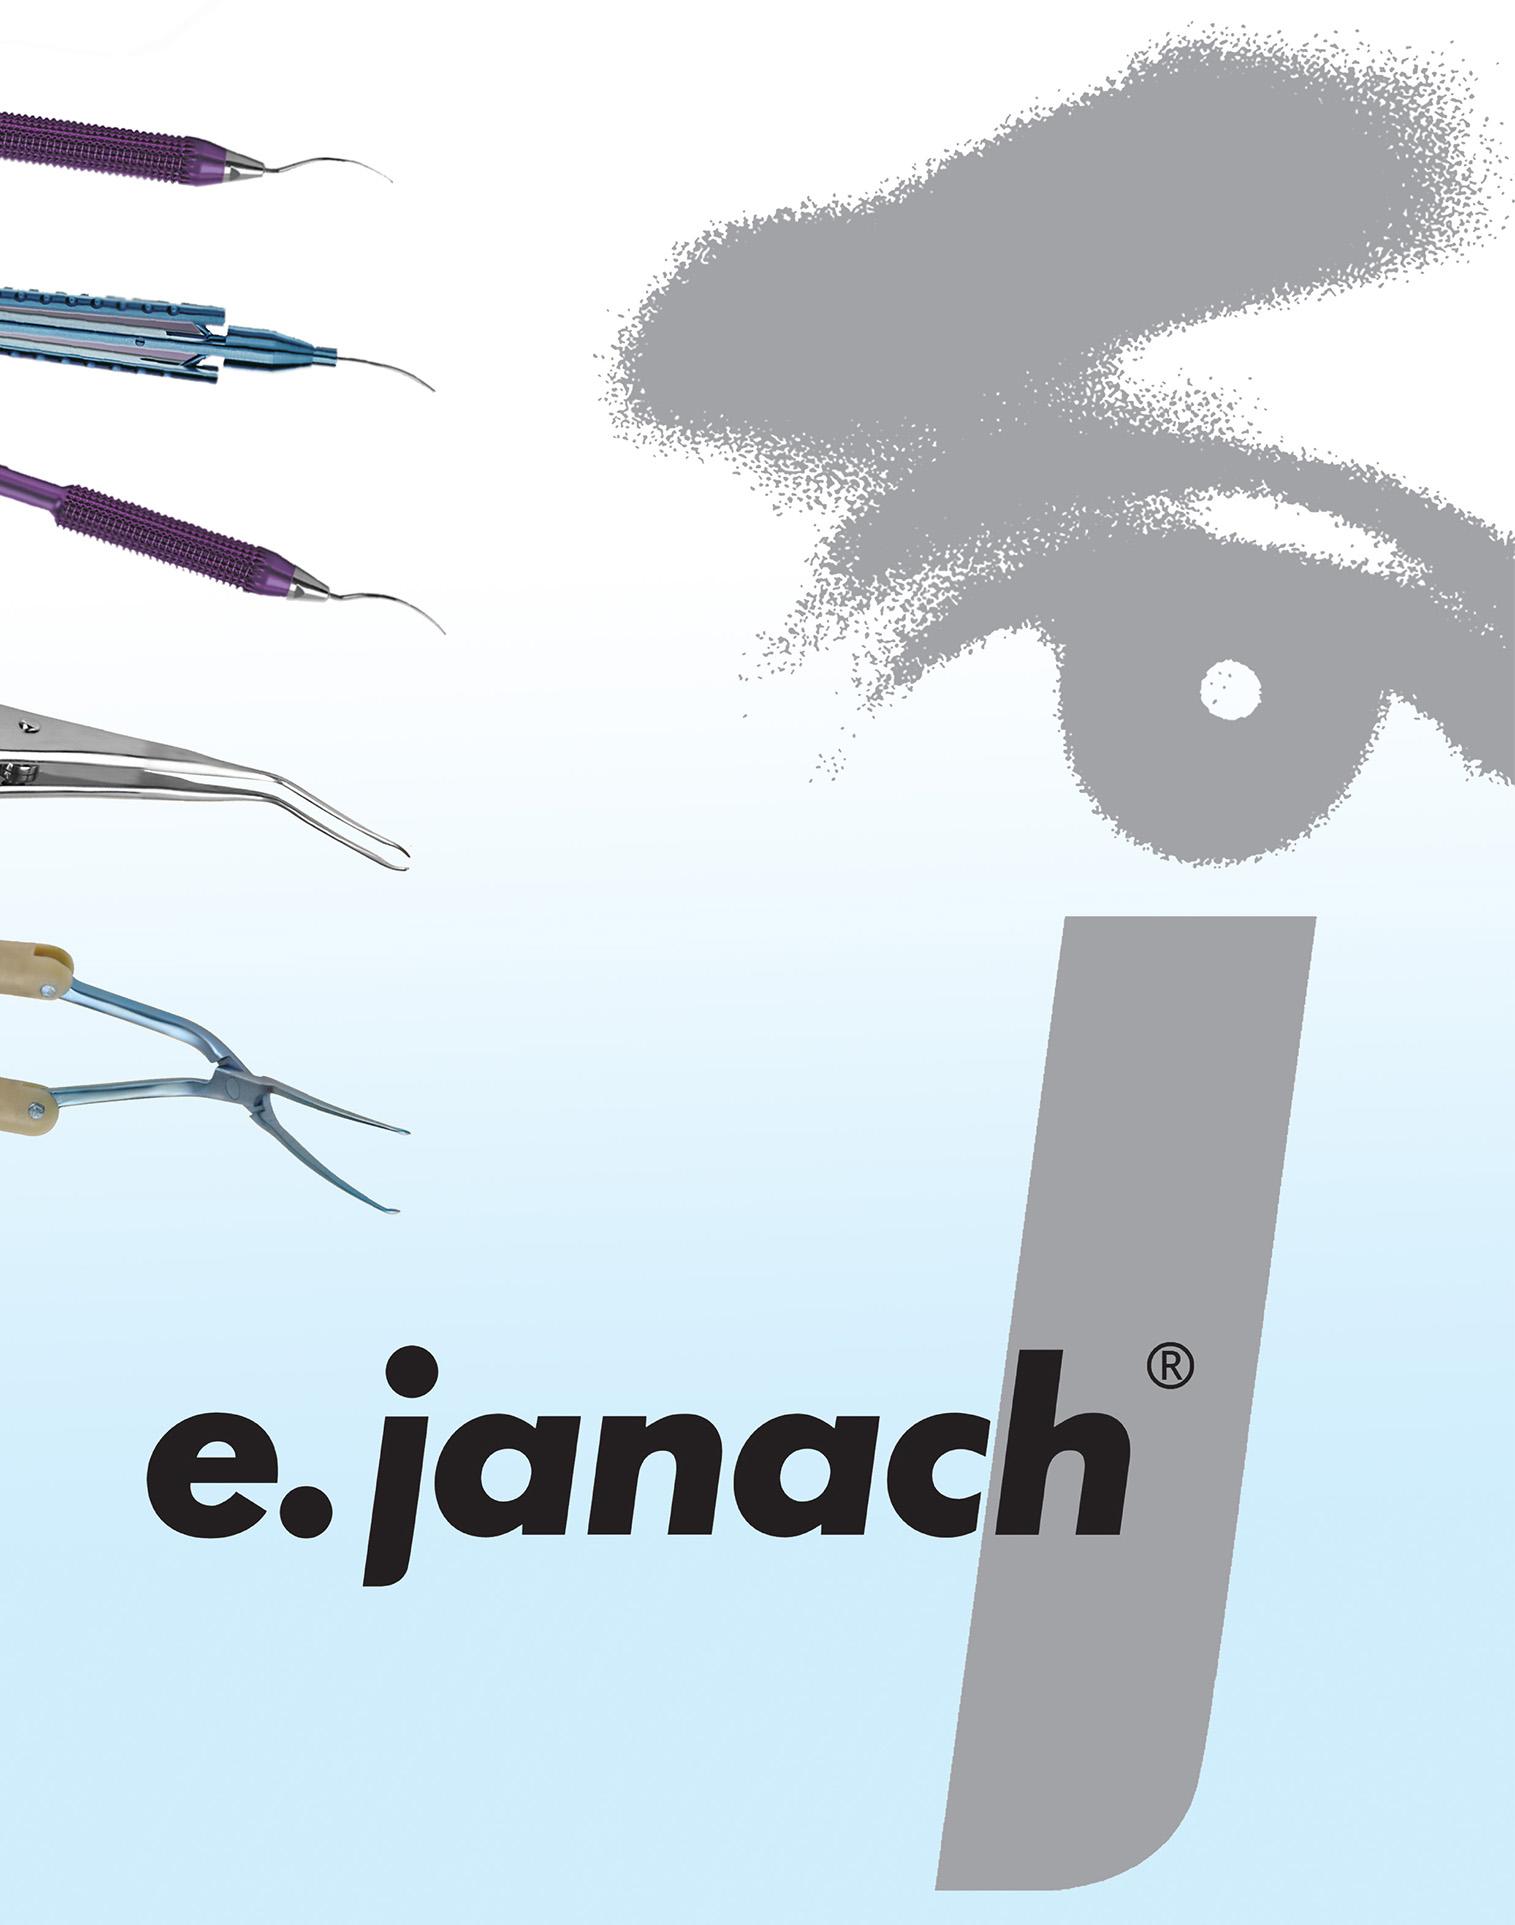 Janach tools 4